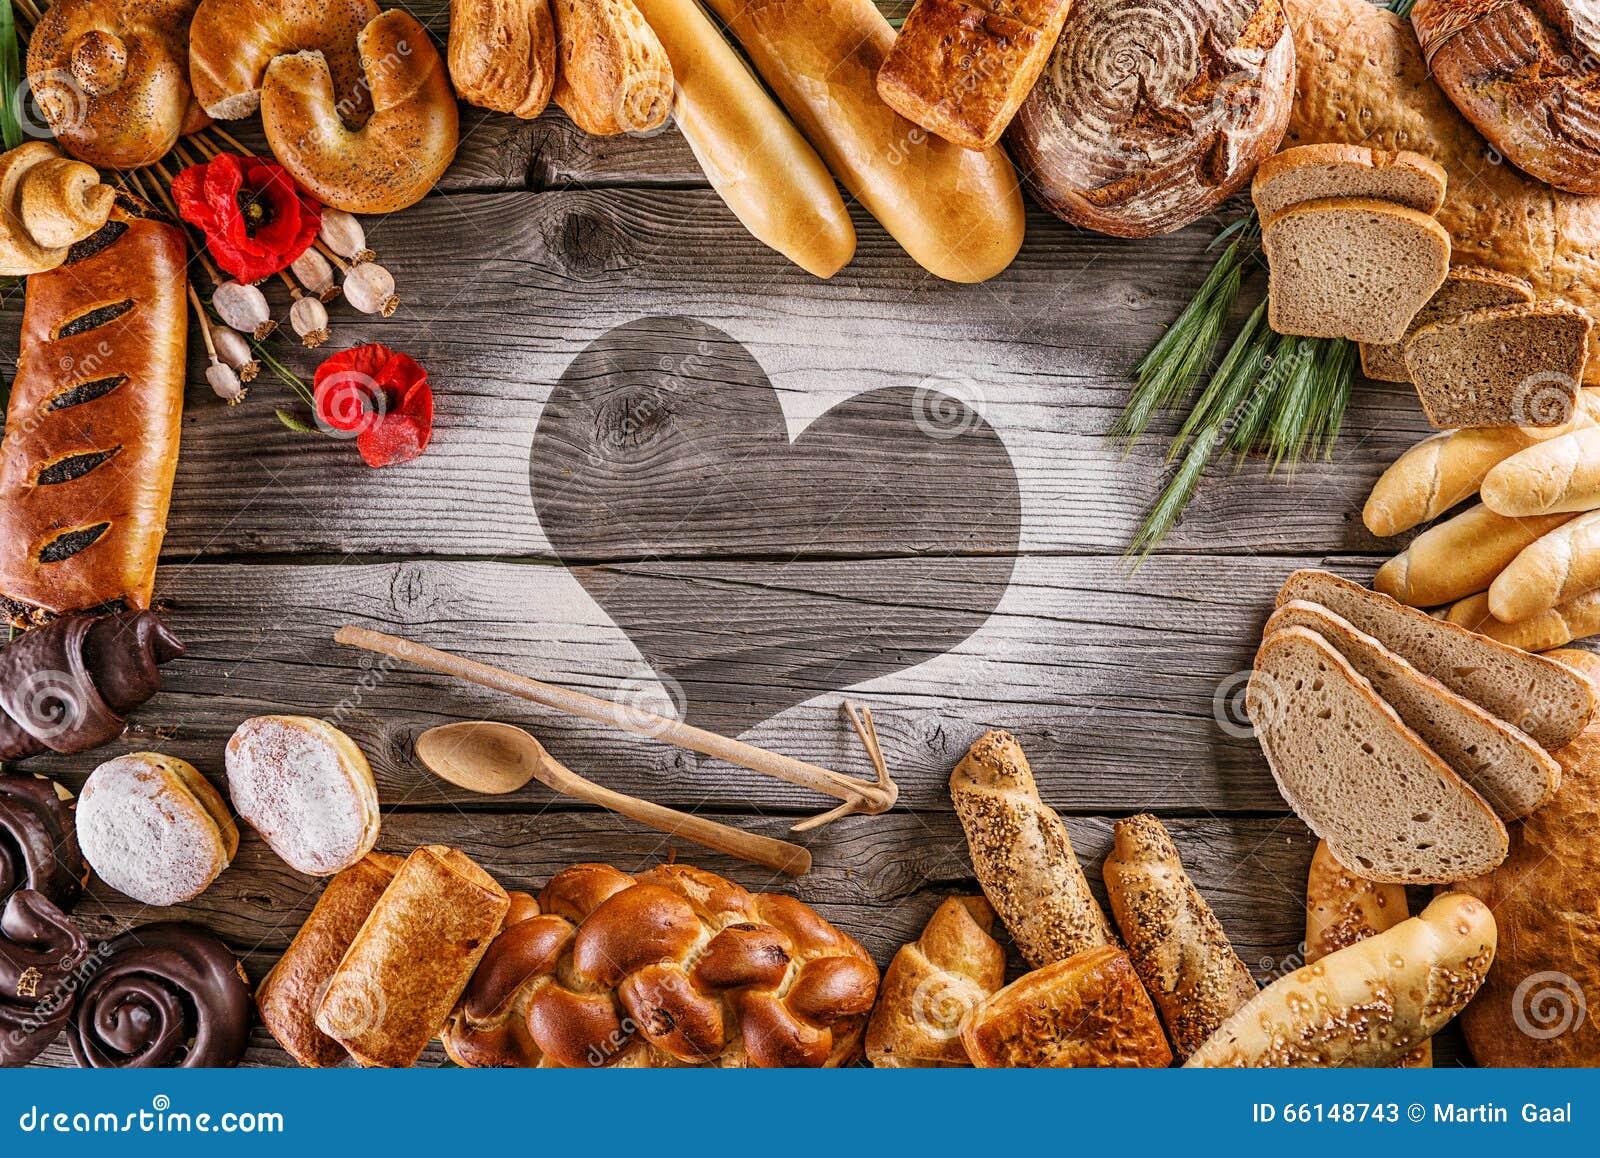 Broden, gebakjes, Kerstmiscake op houten achtergrond met hart, beeld voor bakkerij of winkel, valentijnskaartendag